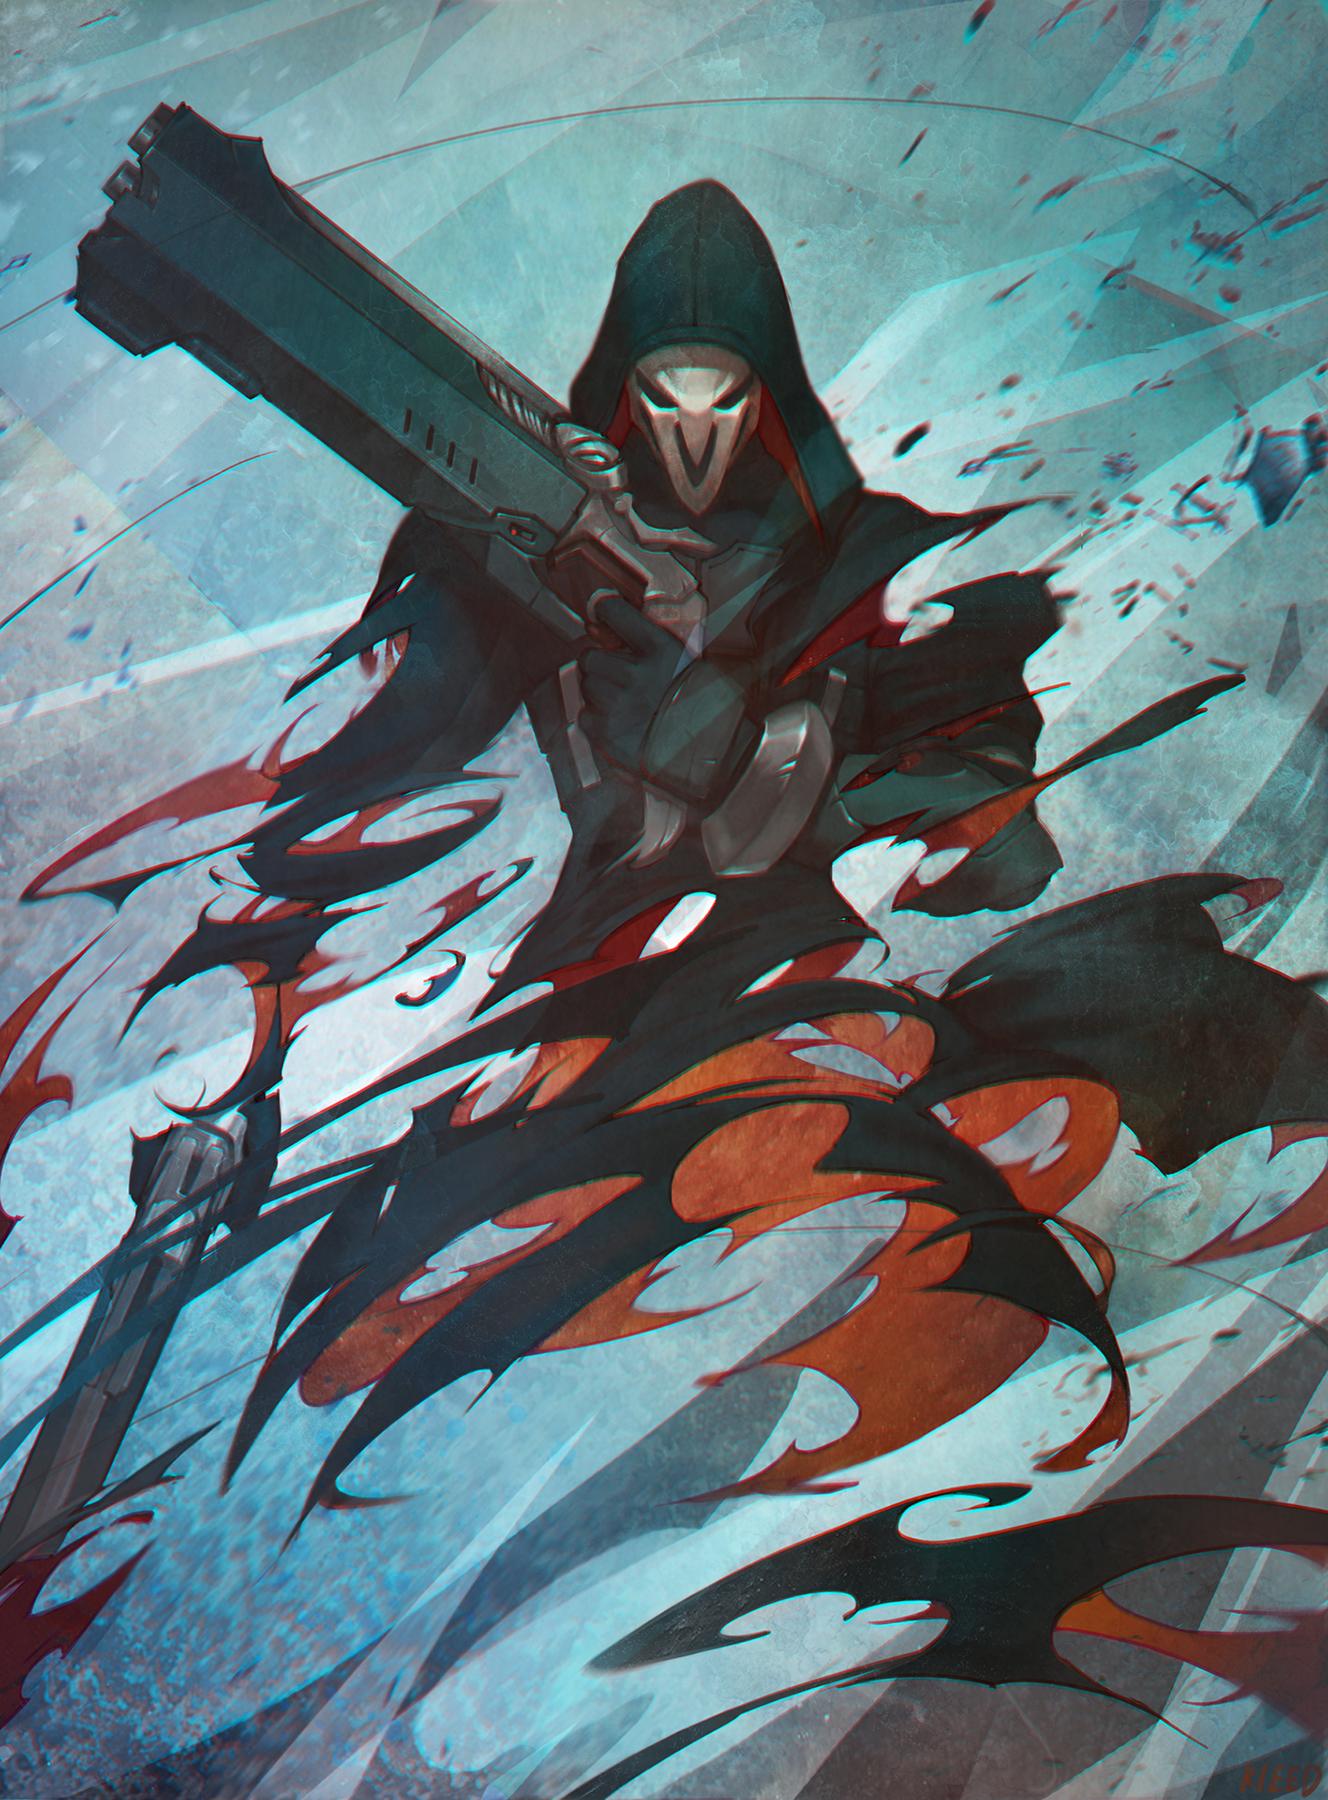 Reaper overwatch mobile wallpaper 2052973 zerochan - Fanart anime wallpaper ...